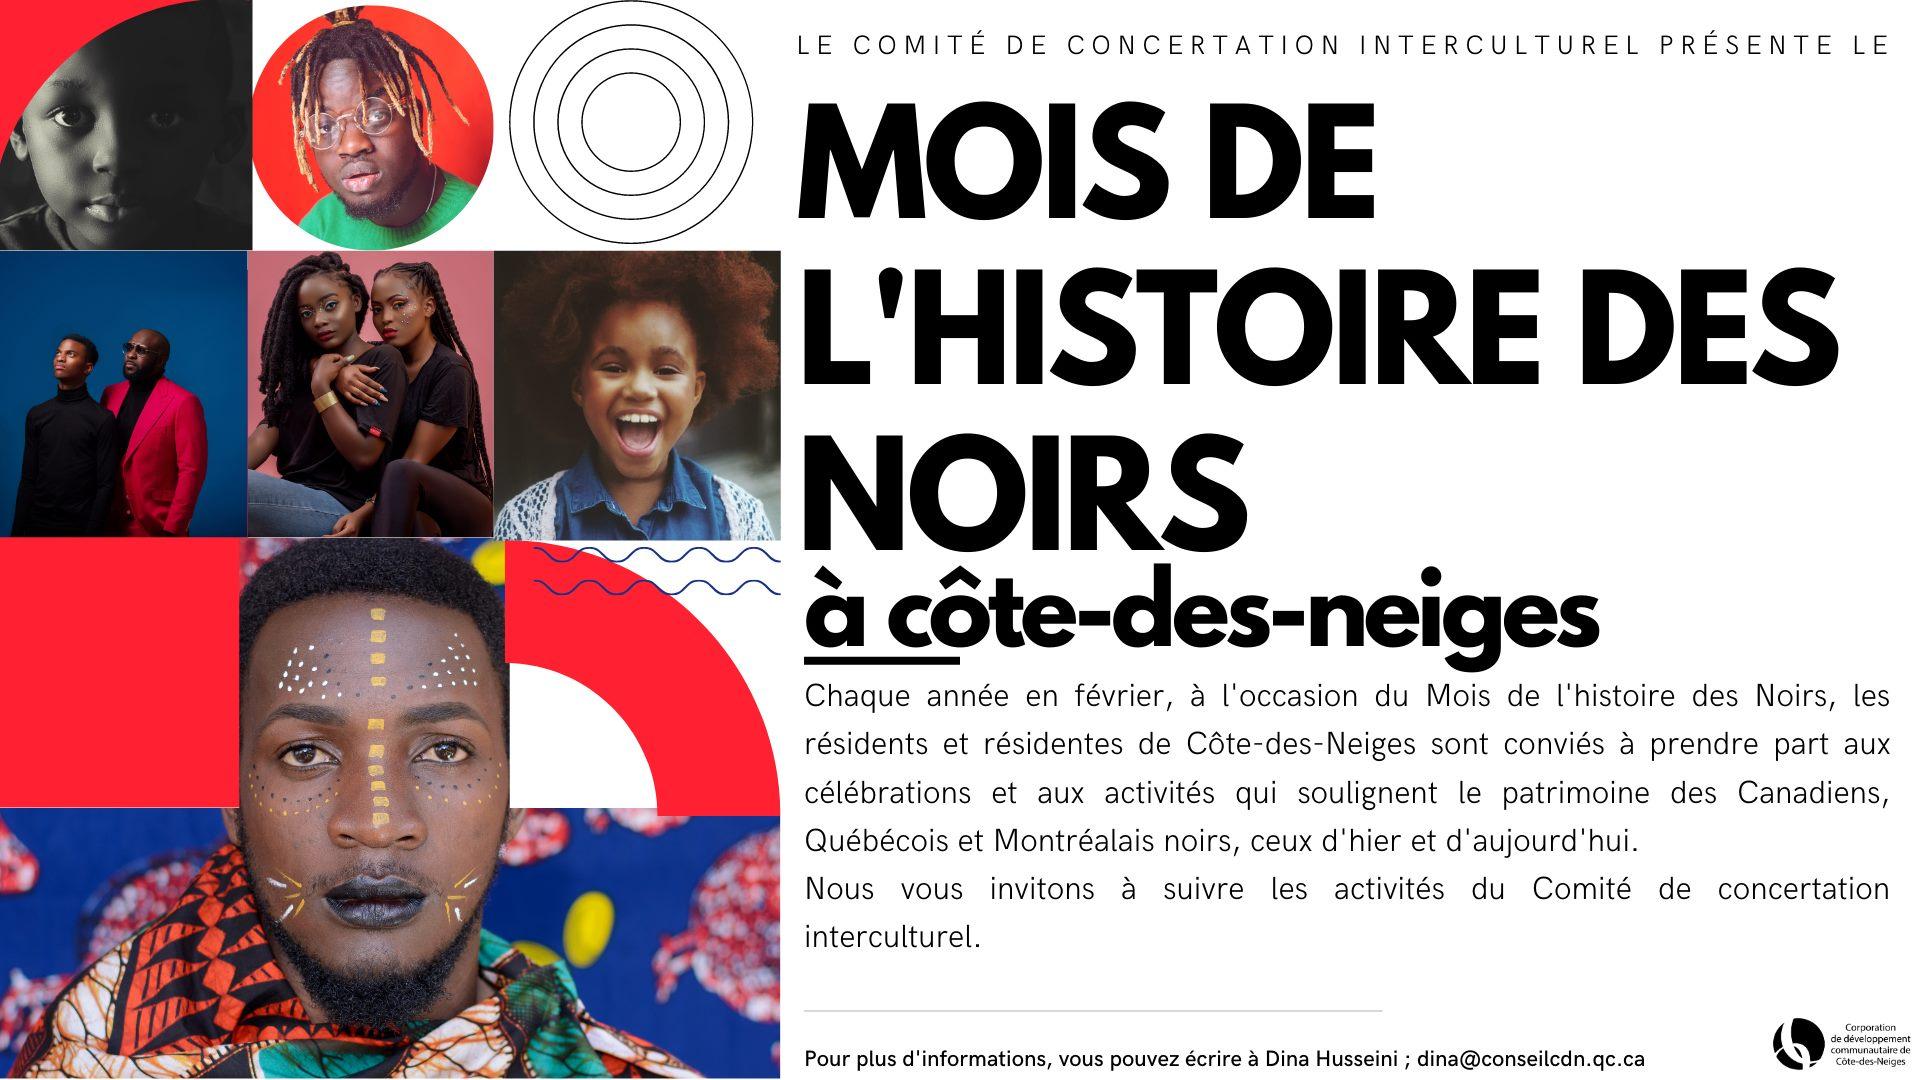 Mois de l'Histoire des Noirs à Côte-des-Neiges